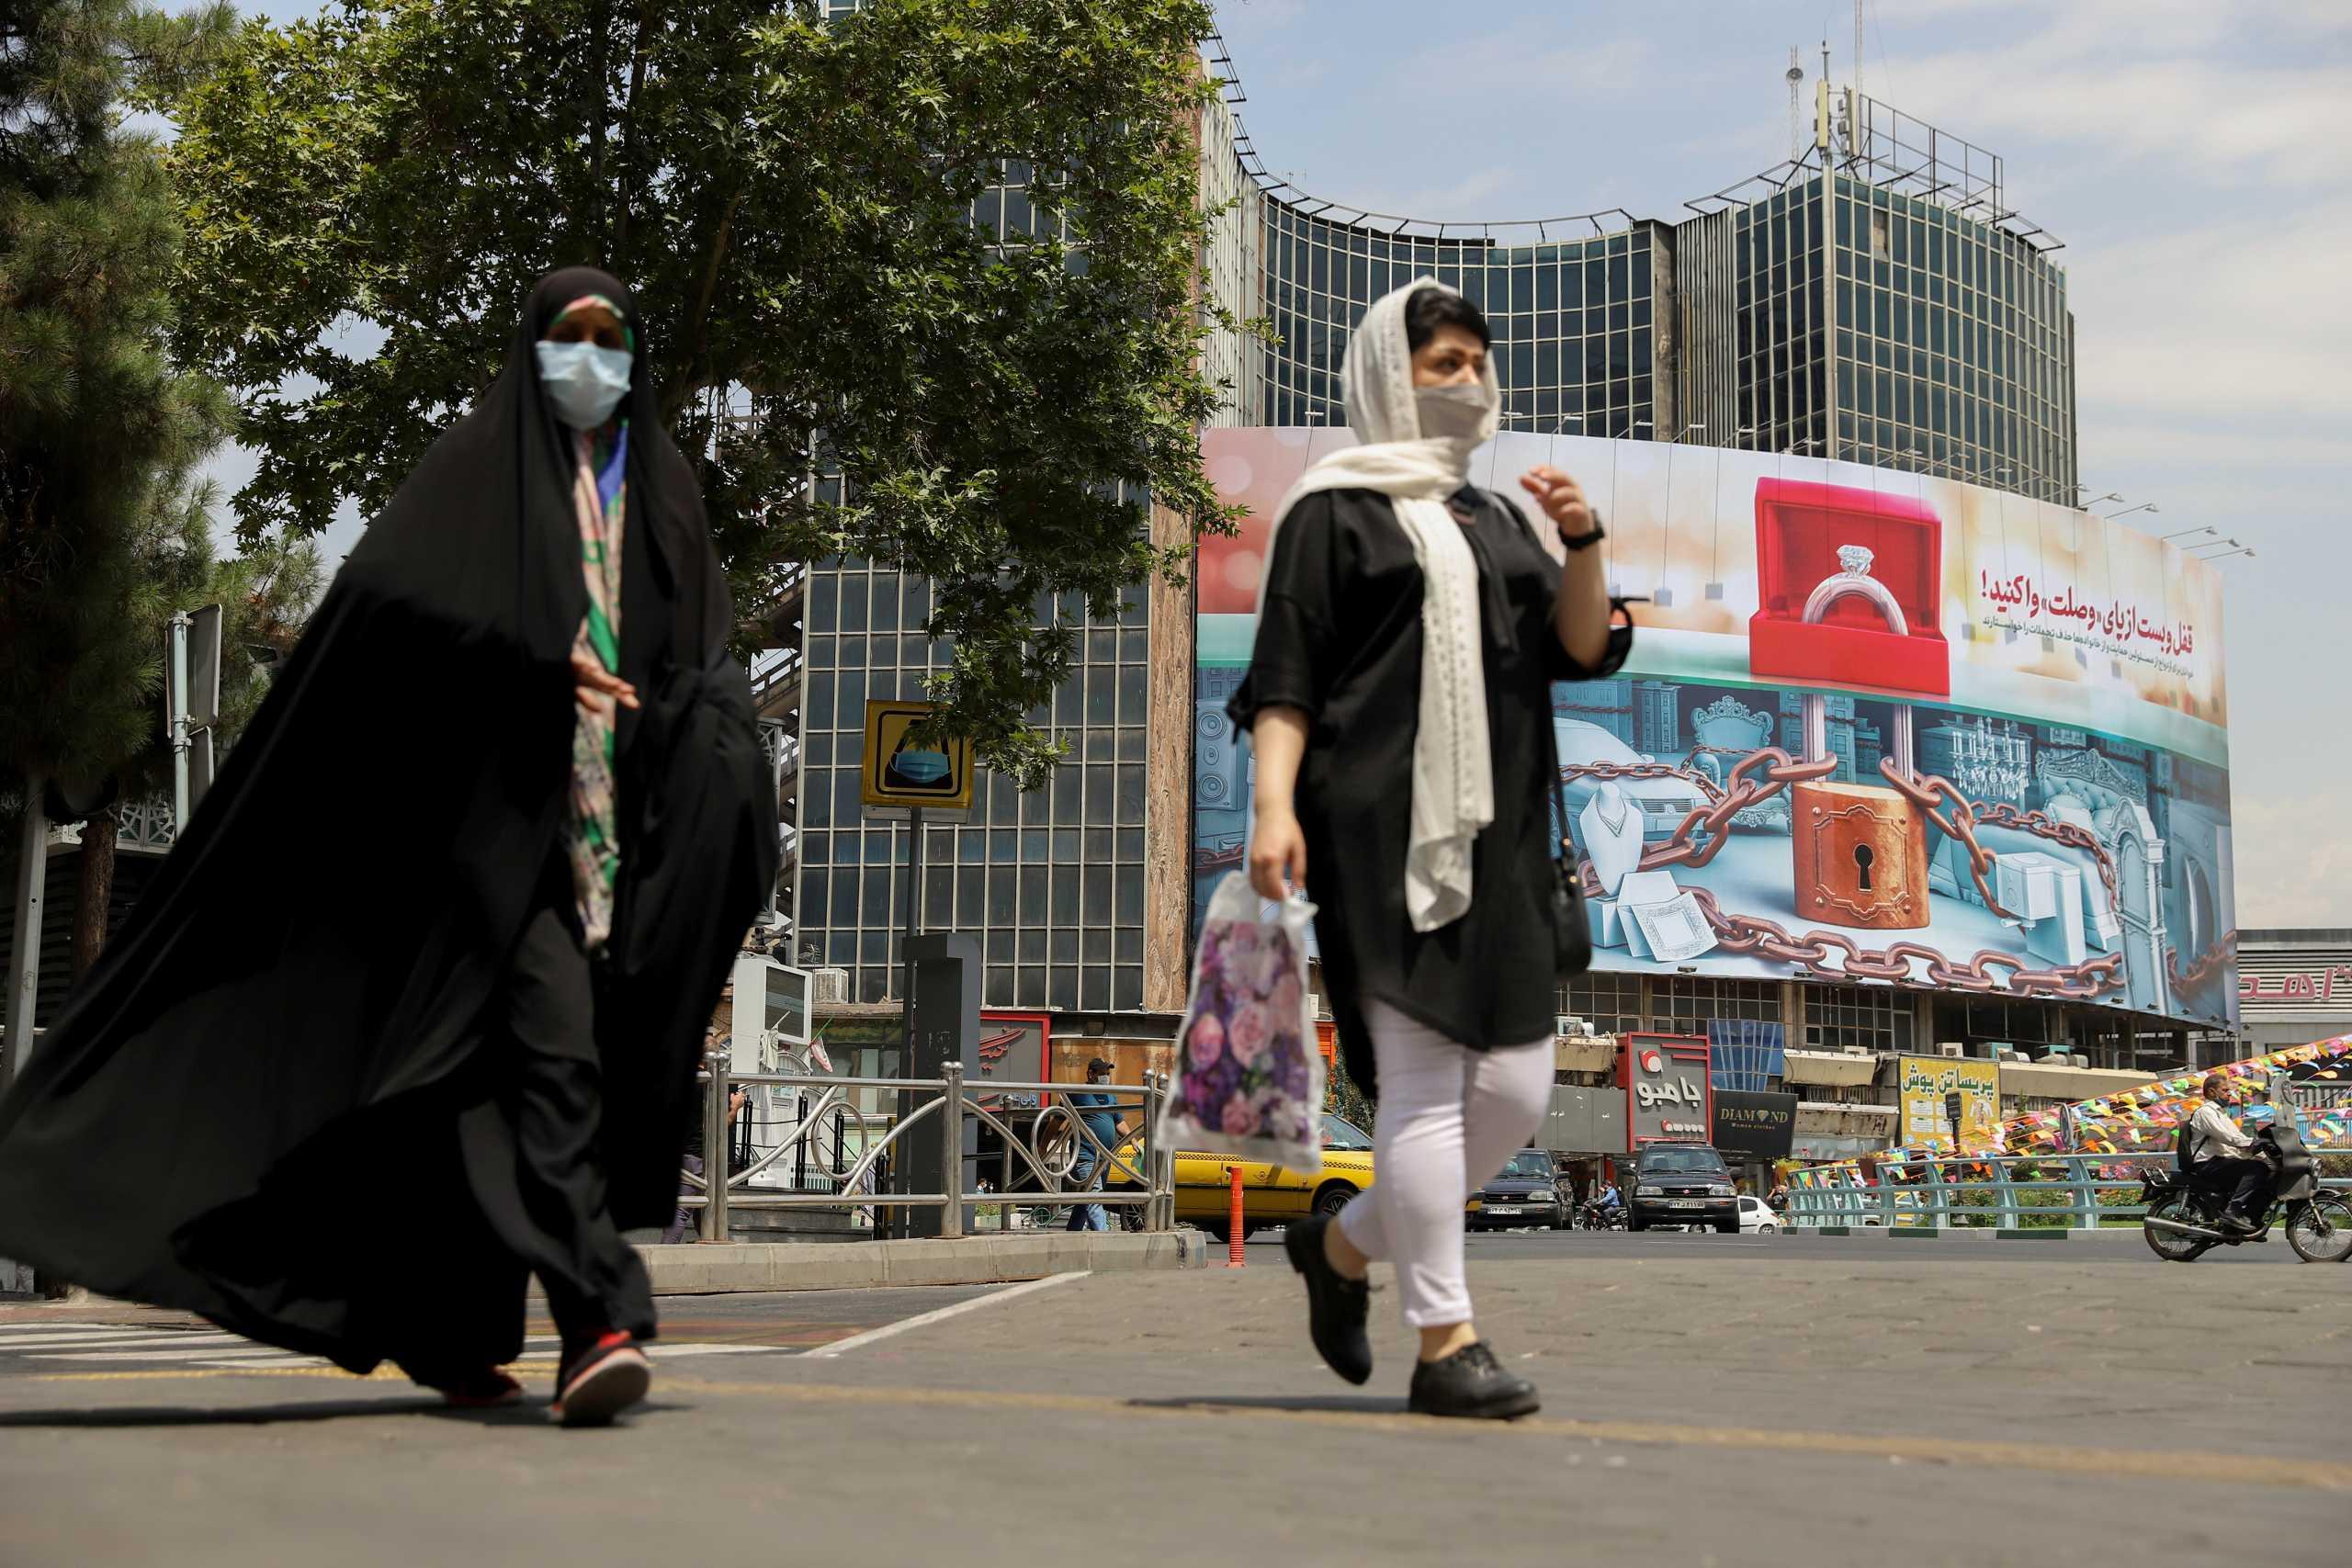 Ιράν – κορονοϊός: Κλείνουν για 6 ημέρες δημόσιες υπηρεσίες και τράπεζες στην Τεχεράνη